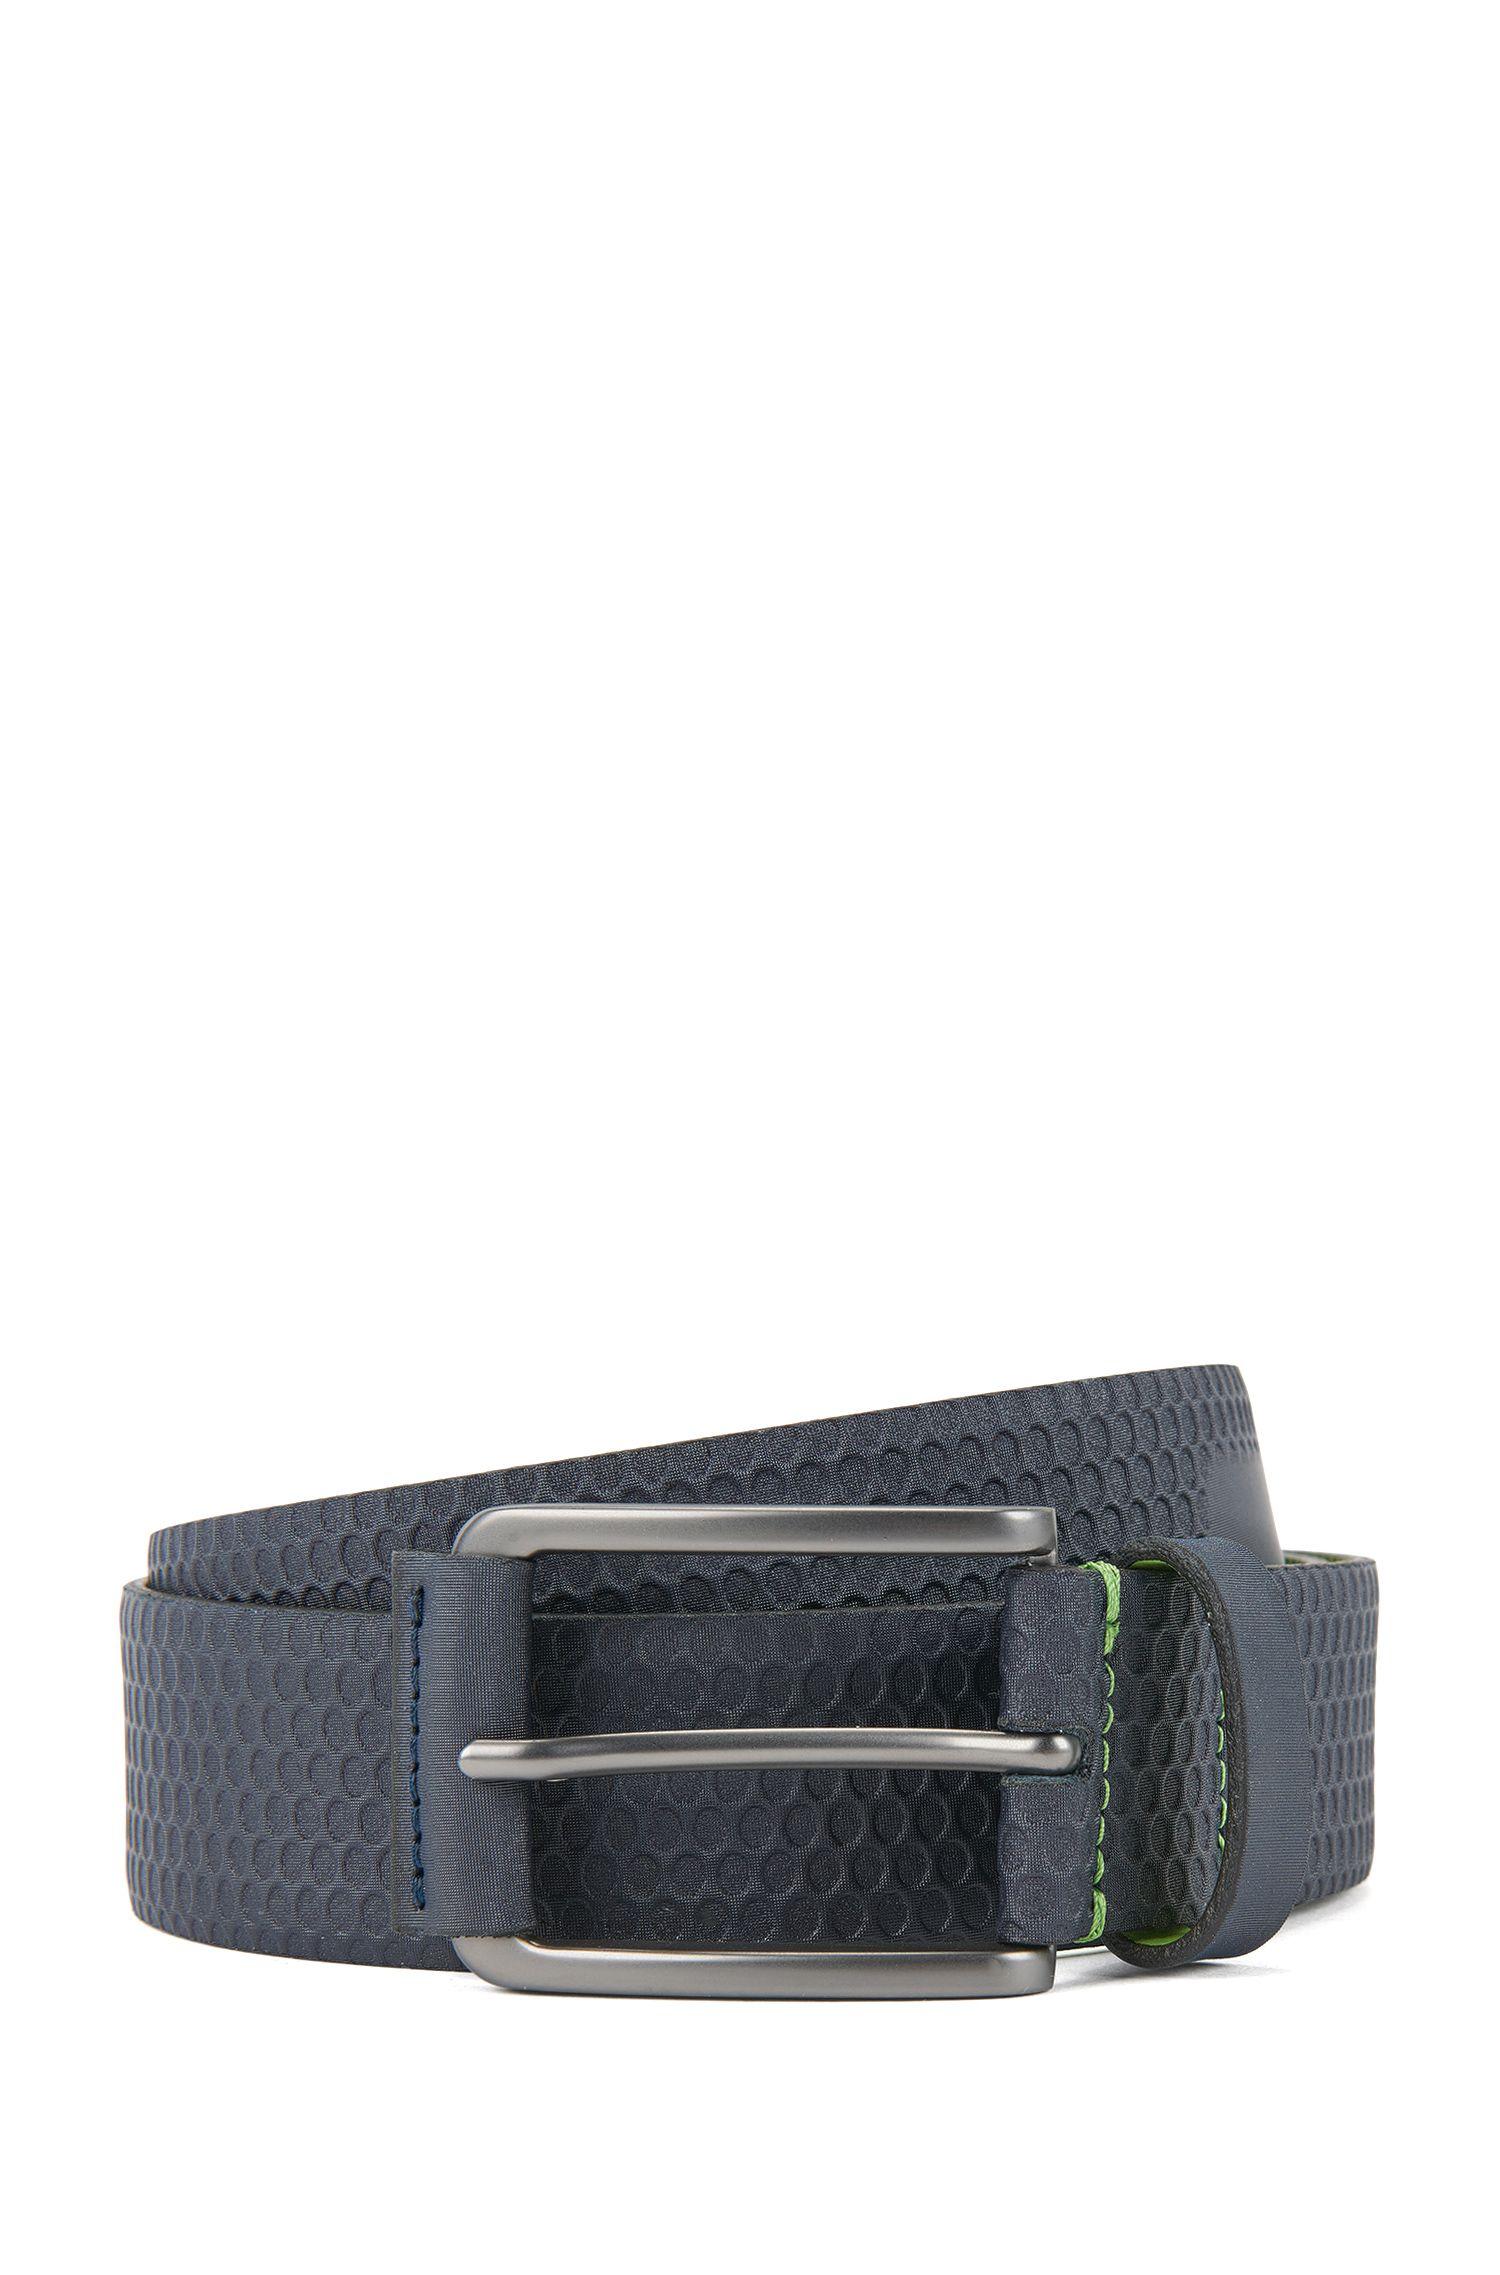 Debossed Leather Belt | Tosco Sz35